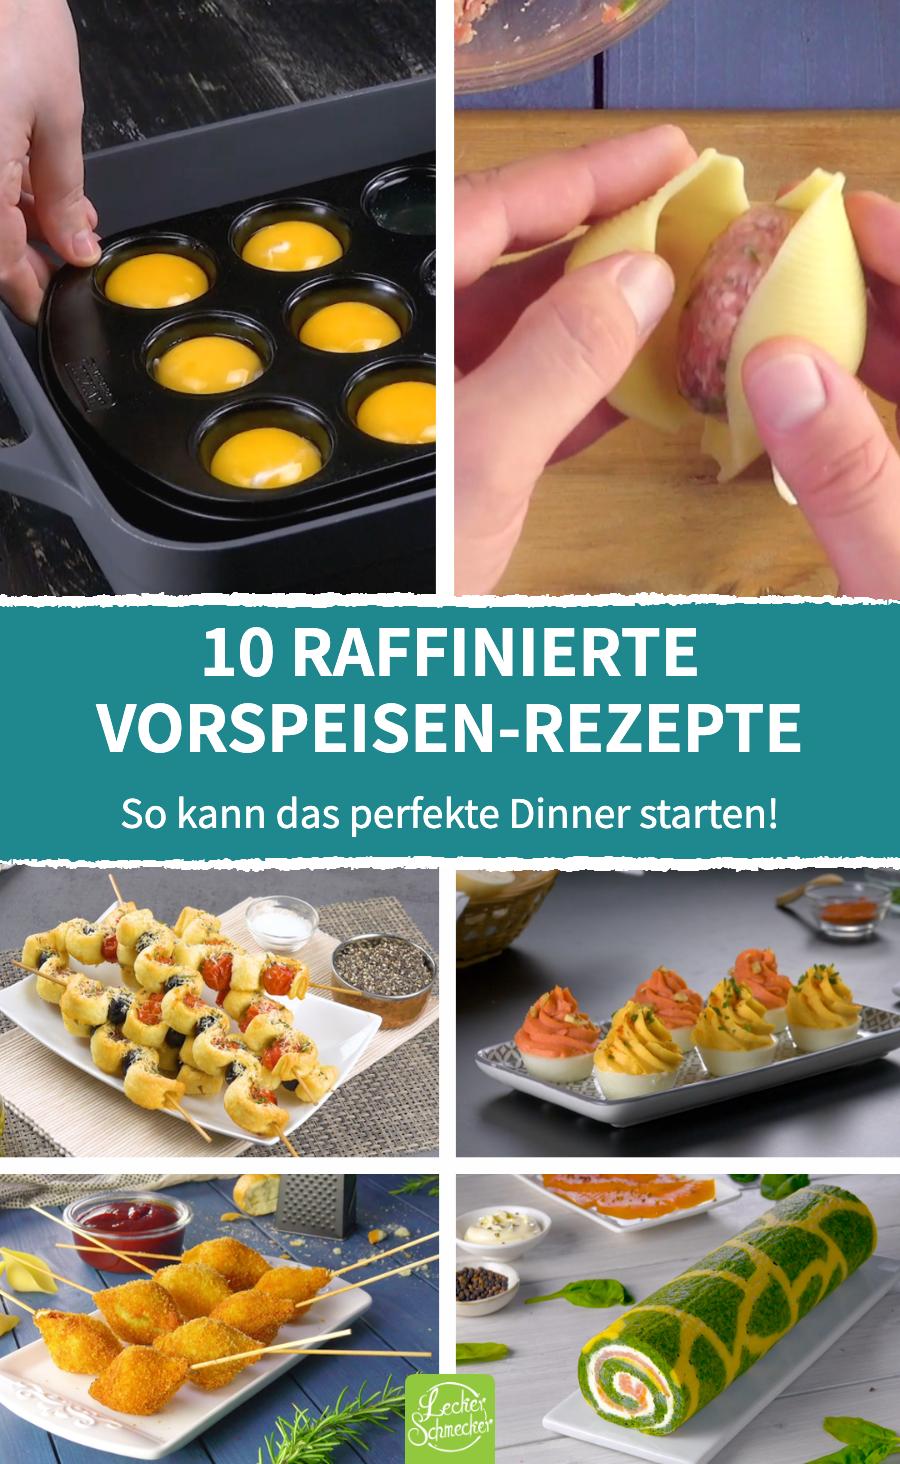 10 raffinierte Vorspeisen Rezepte | Schnelle Vorspeisen